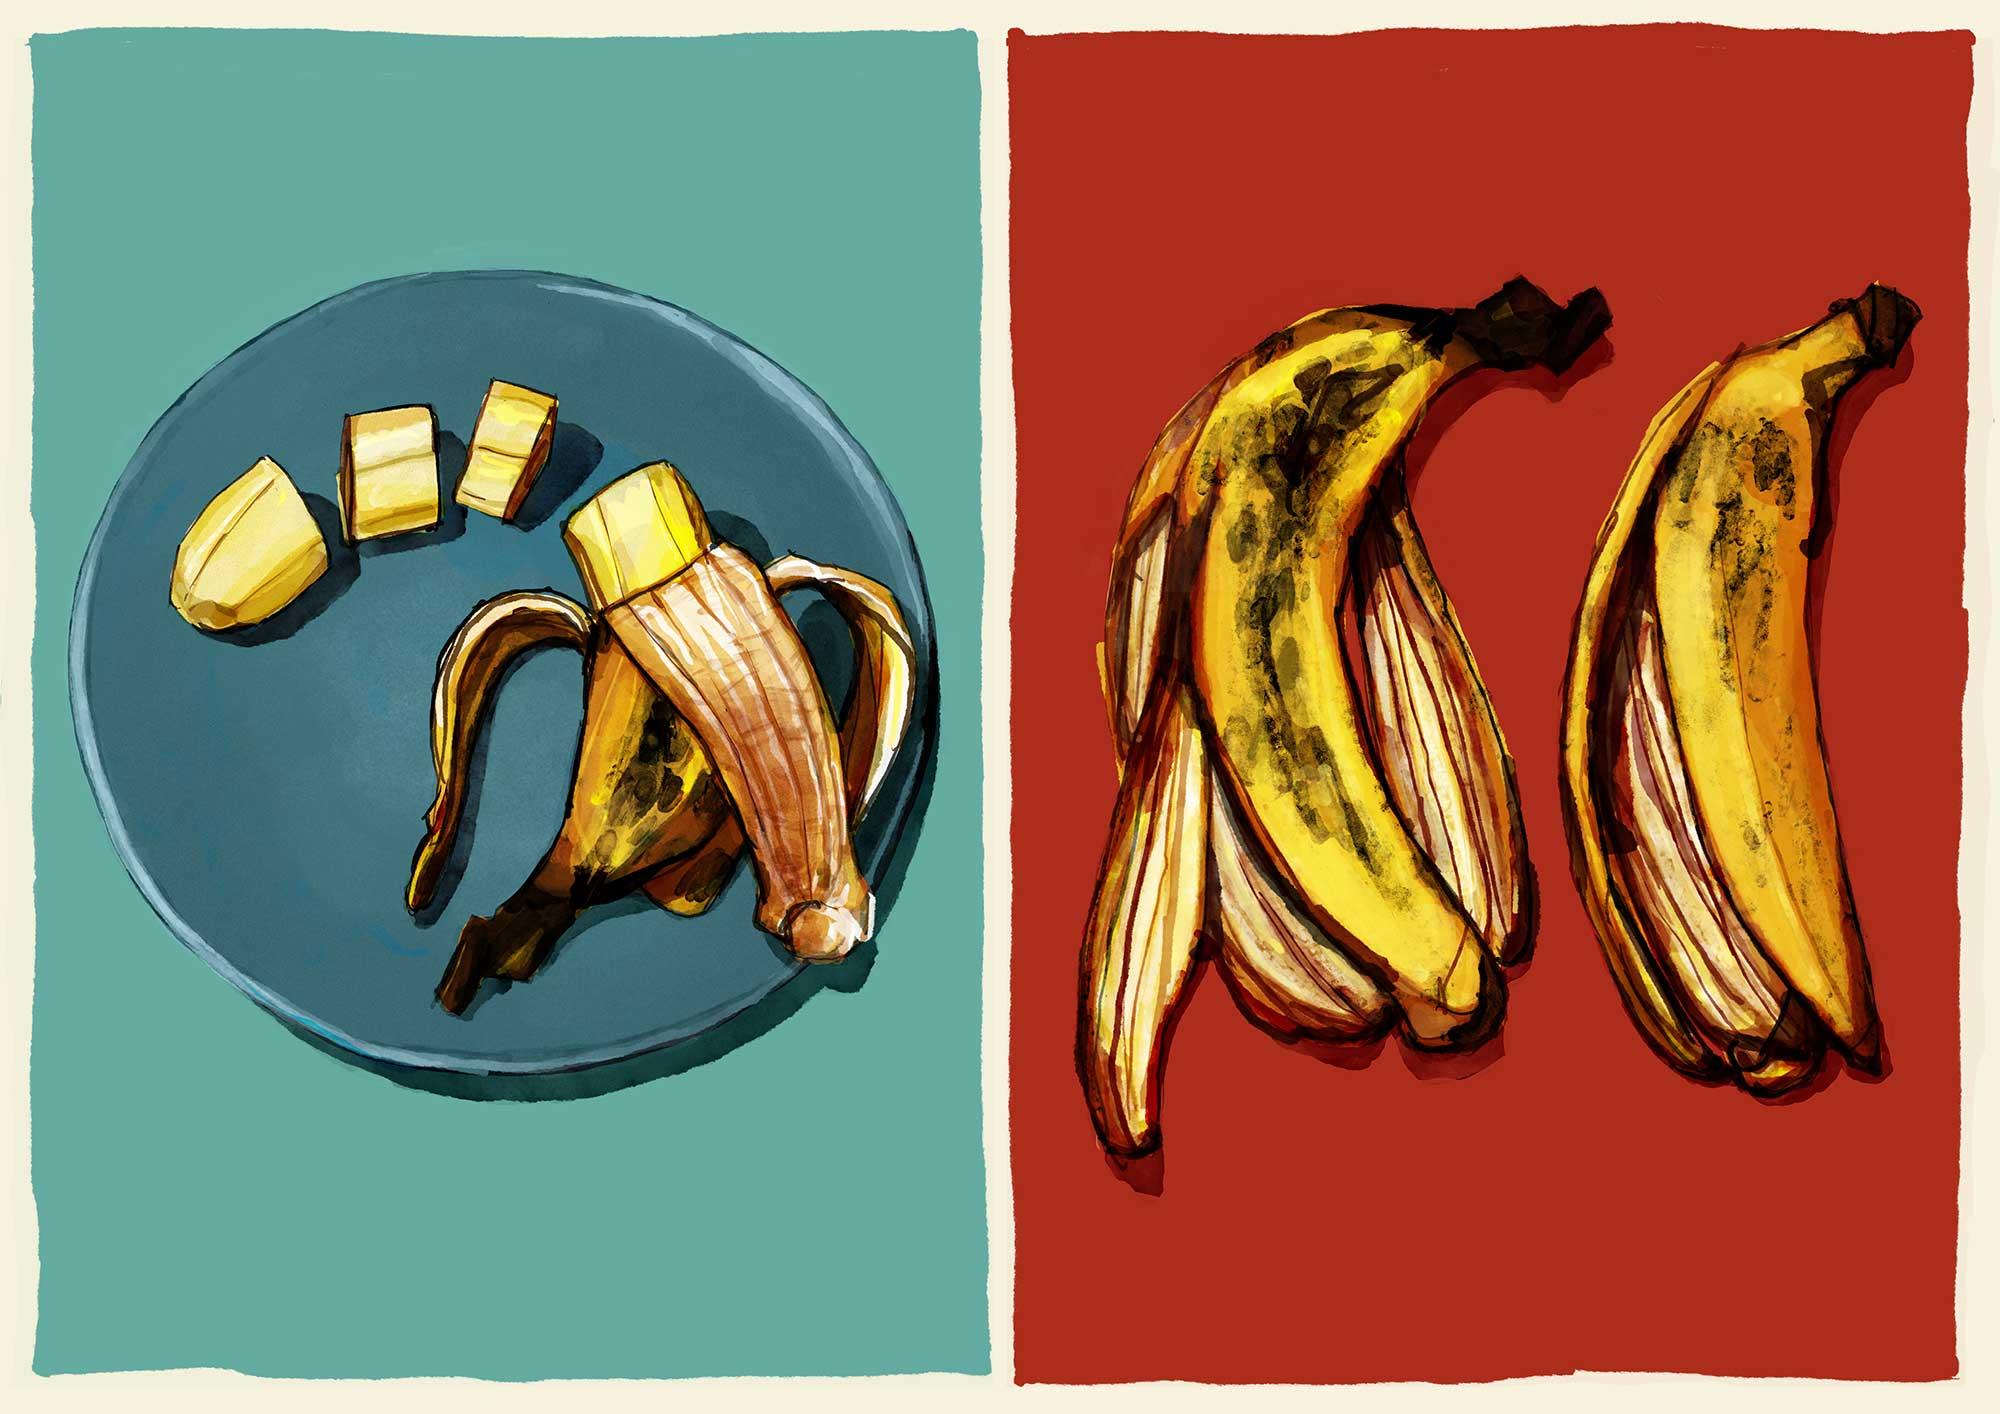 Mario Jodra illustration - Plátano herido